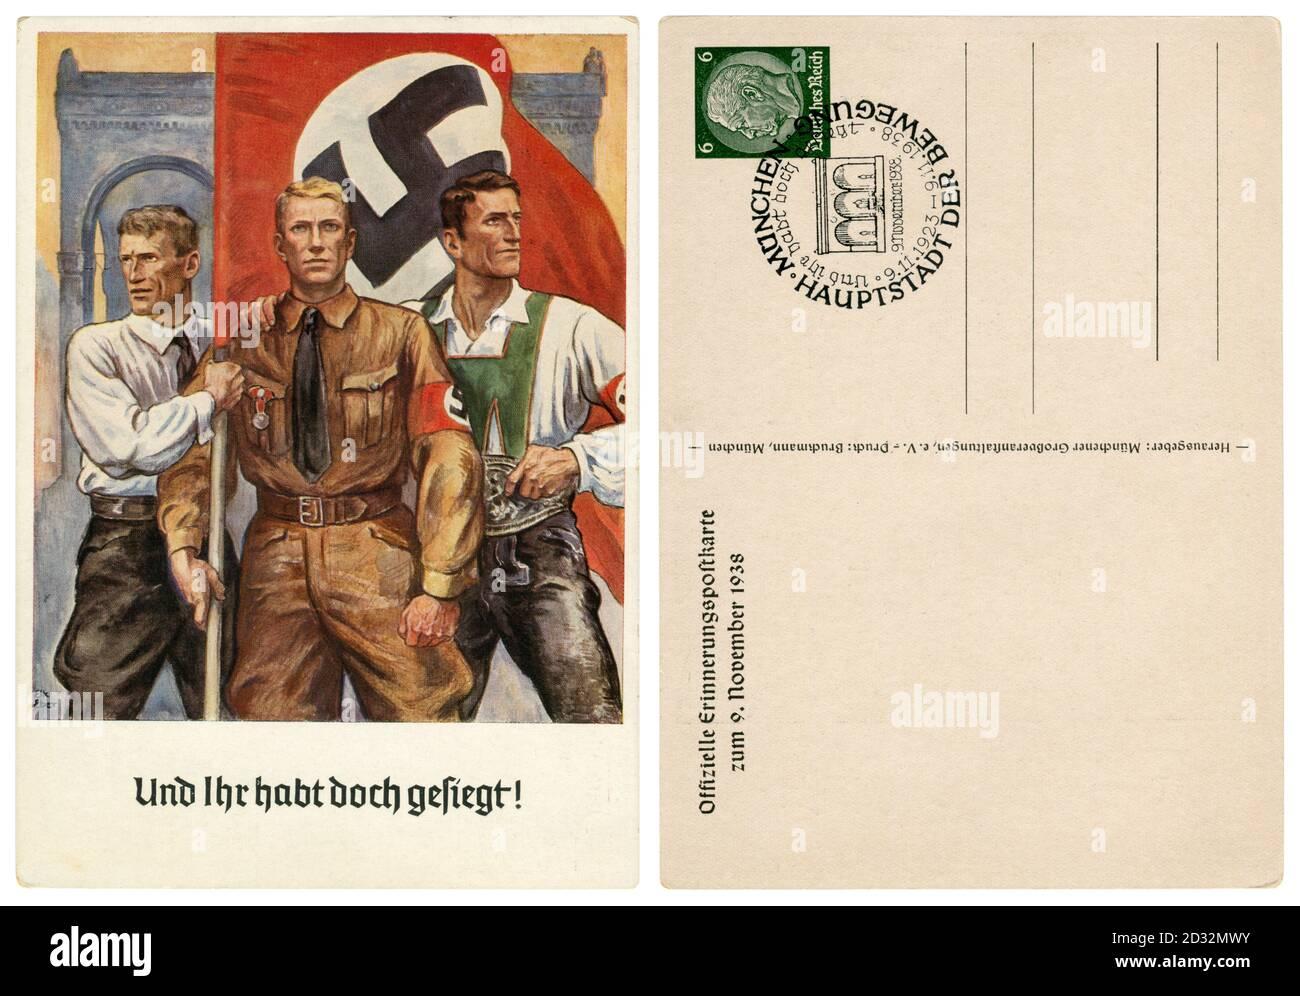 Carte postale historique allemande : 15e anniversaire du putsch de la Beer Hall, résident du Sudetenland, sa Fighter, autrichienne avec un drapeau de la swastika, 1938 Banque D'Images